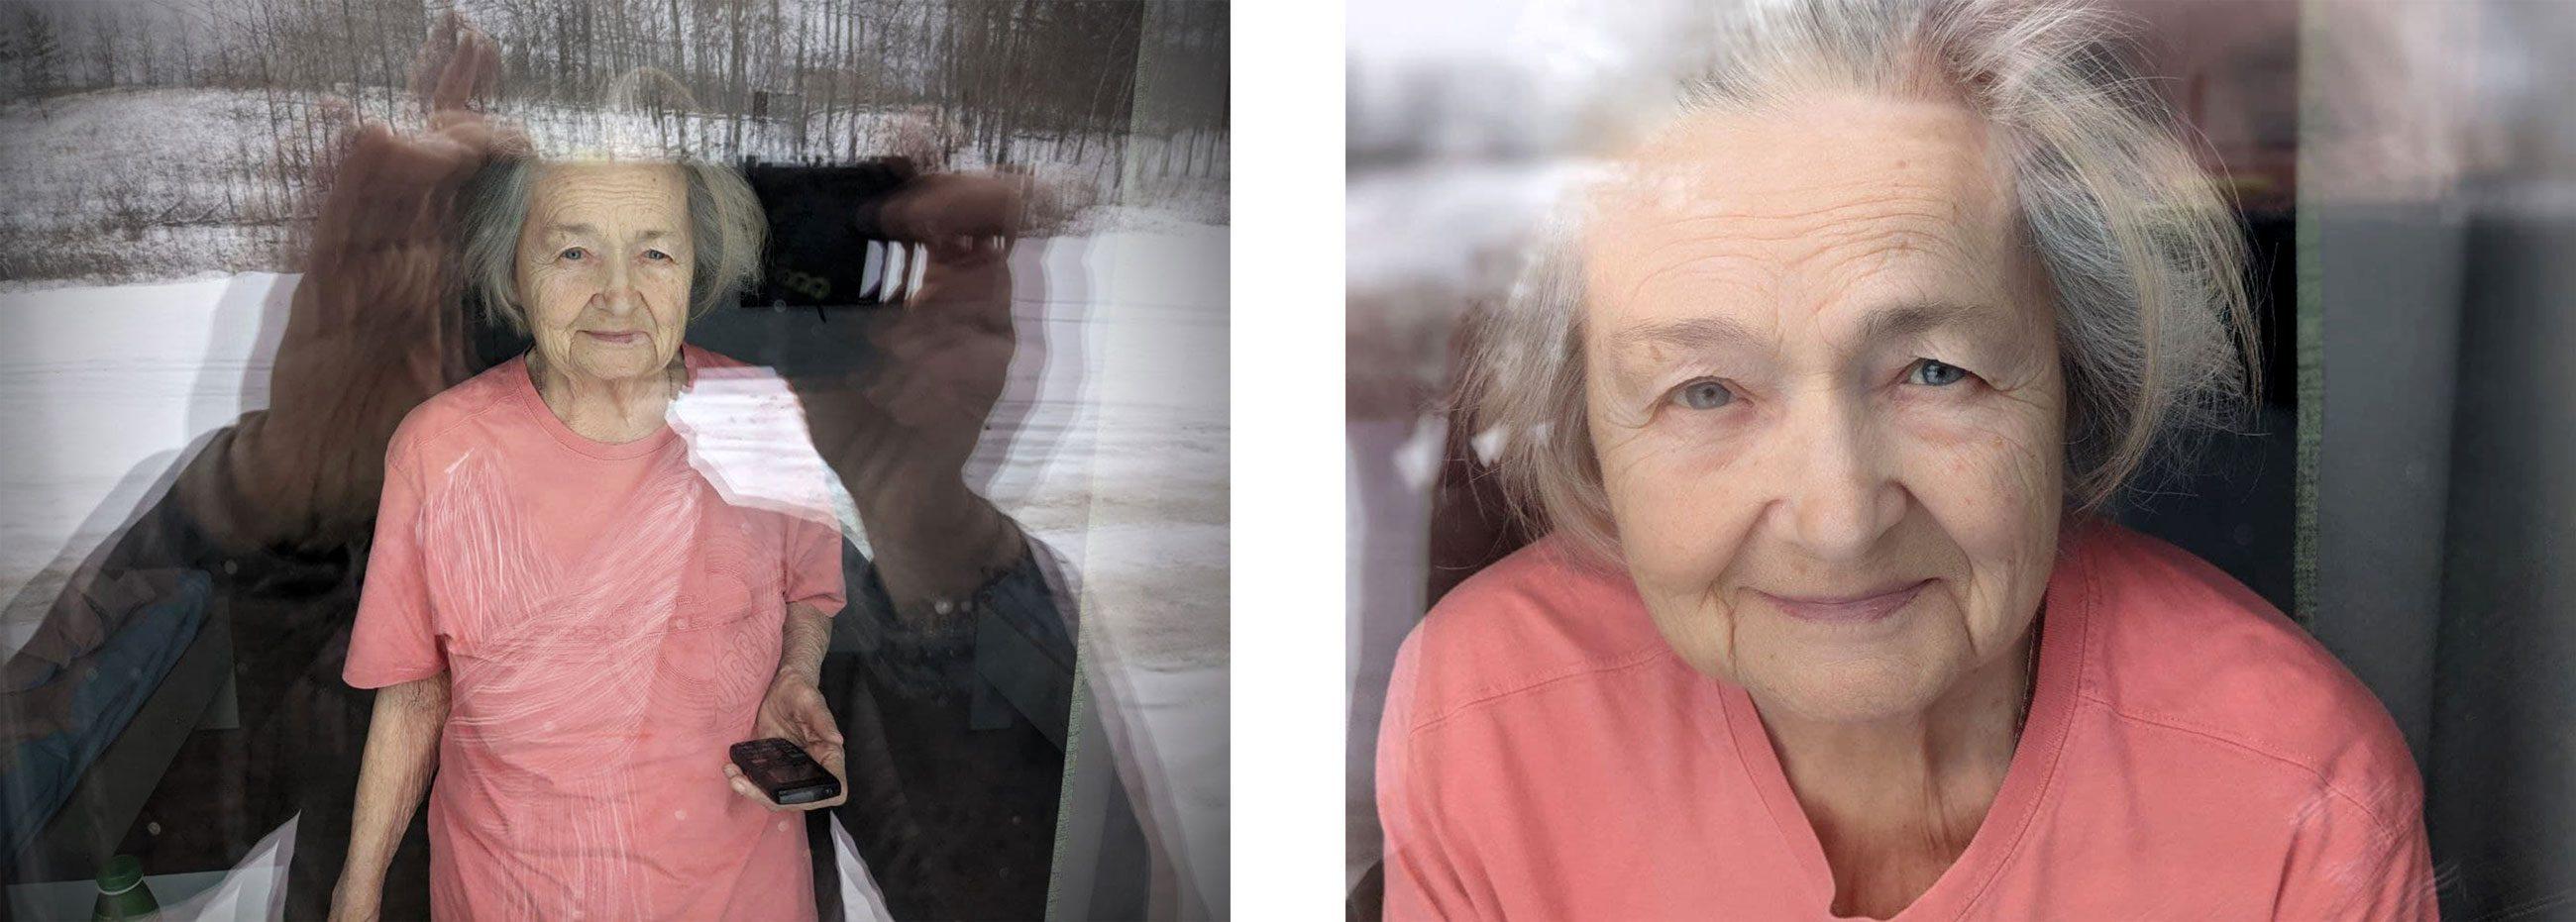 babulya  - <b>«Старі сидять голі, у самих футболках і памперсах».</b> Журналістка Заборони розповідає, як шукала будинок літніх людей для своєї бабусі - Заборона